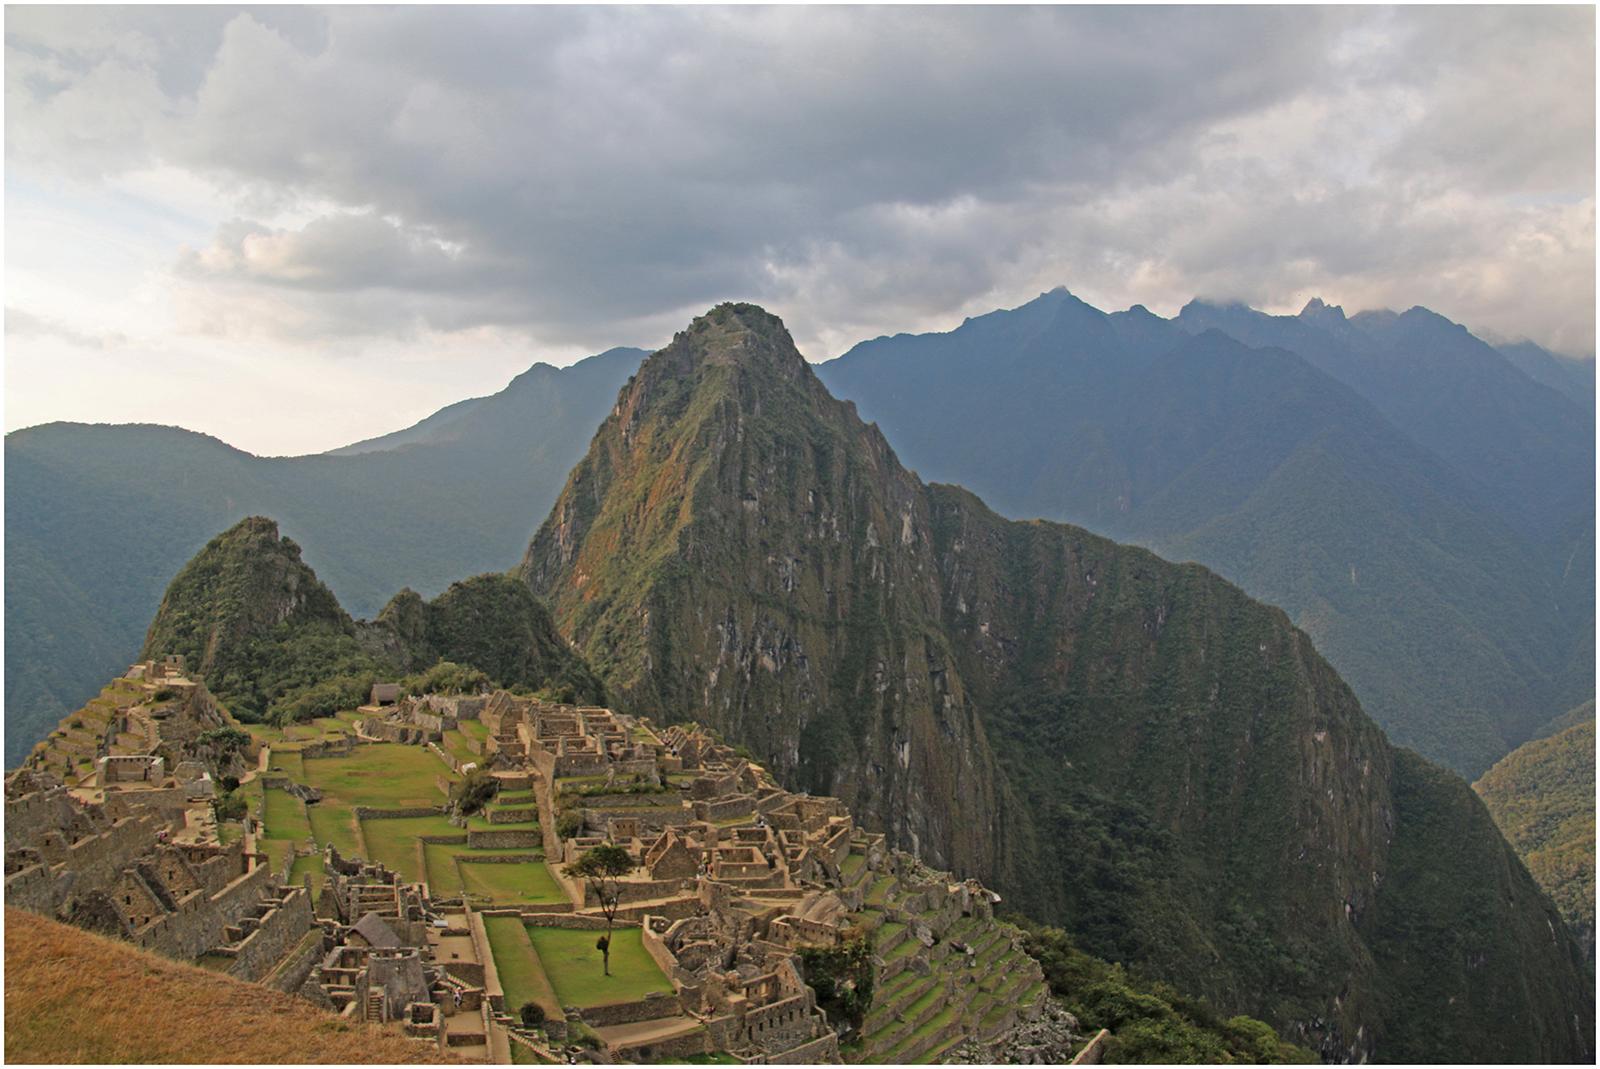 002_Machu_Picchu